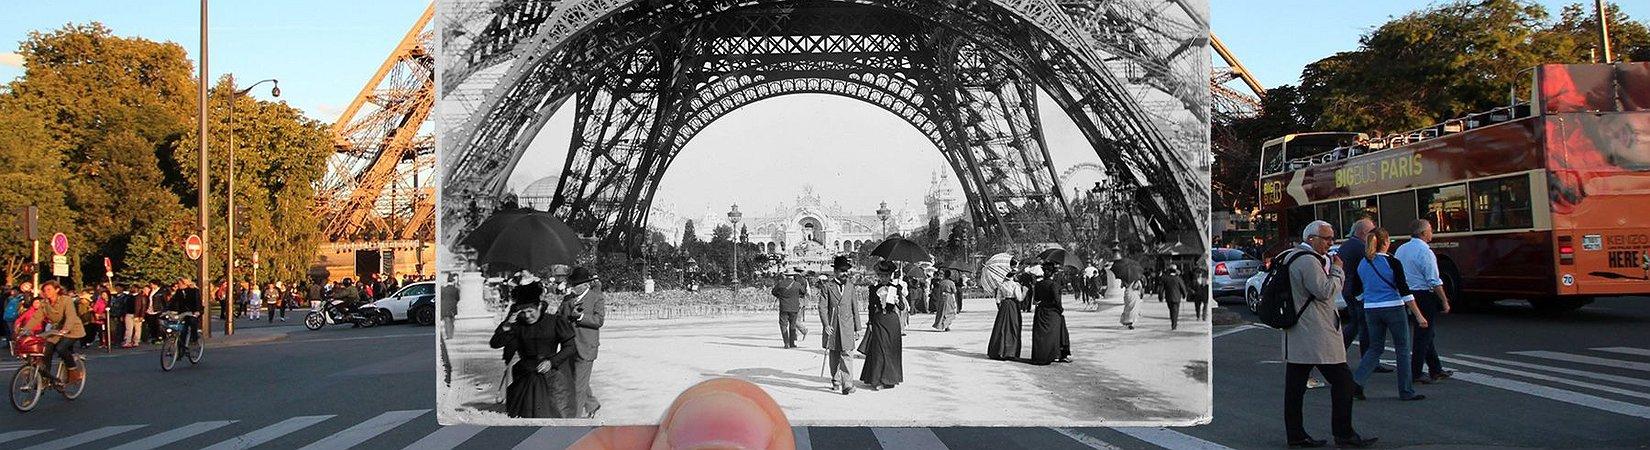 21 Fotografias que mostram como Paris mudou nos últimos cem anos